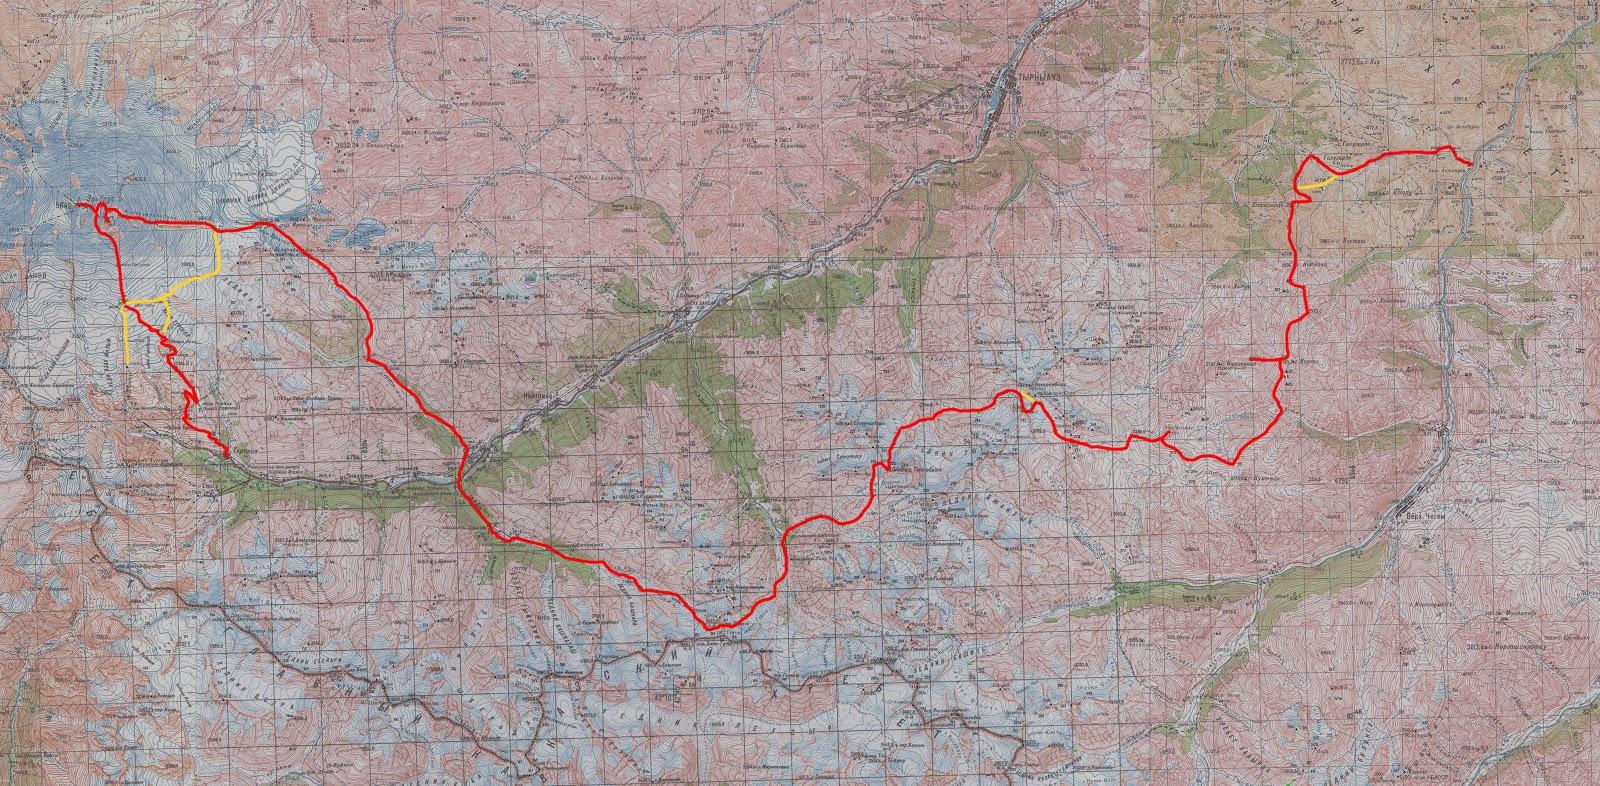 обзорная карта маршрута.jpg